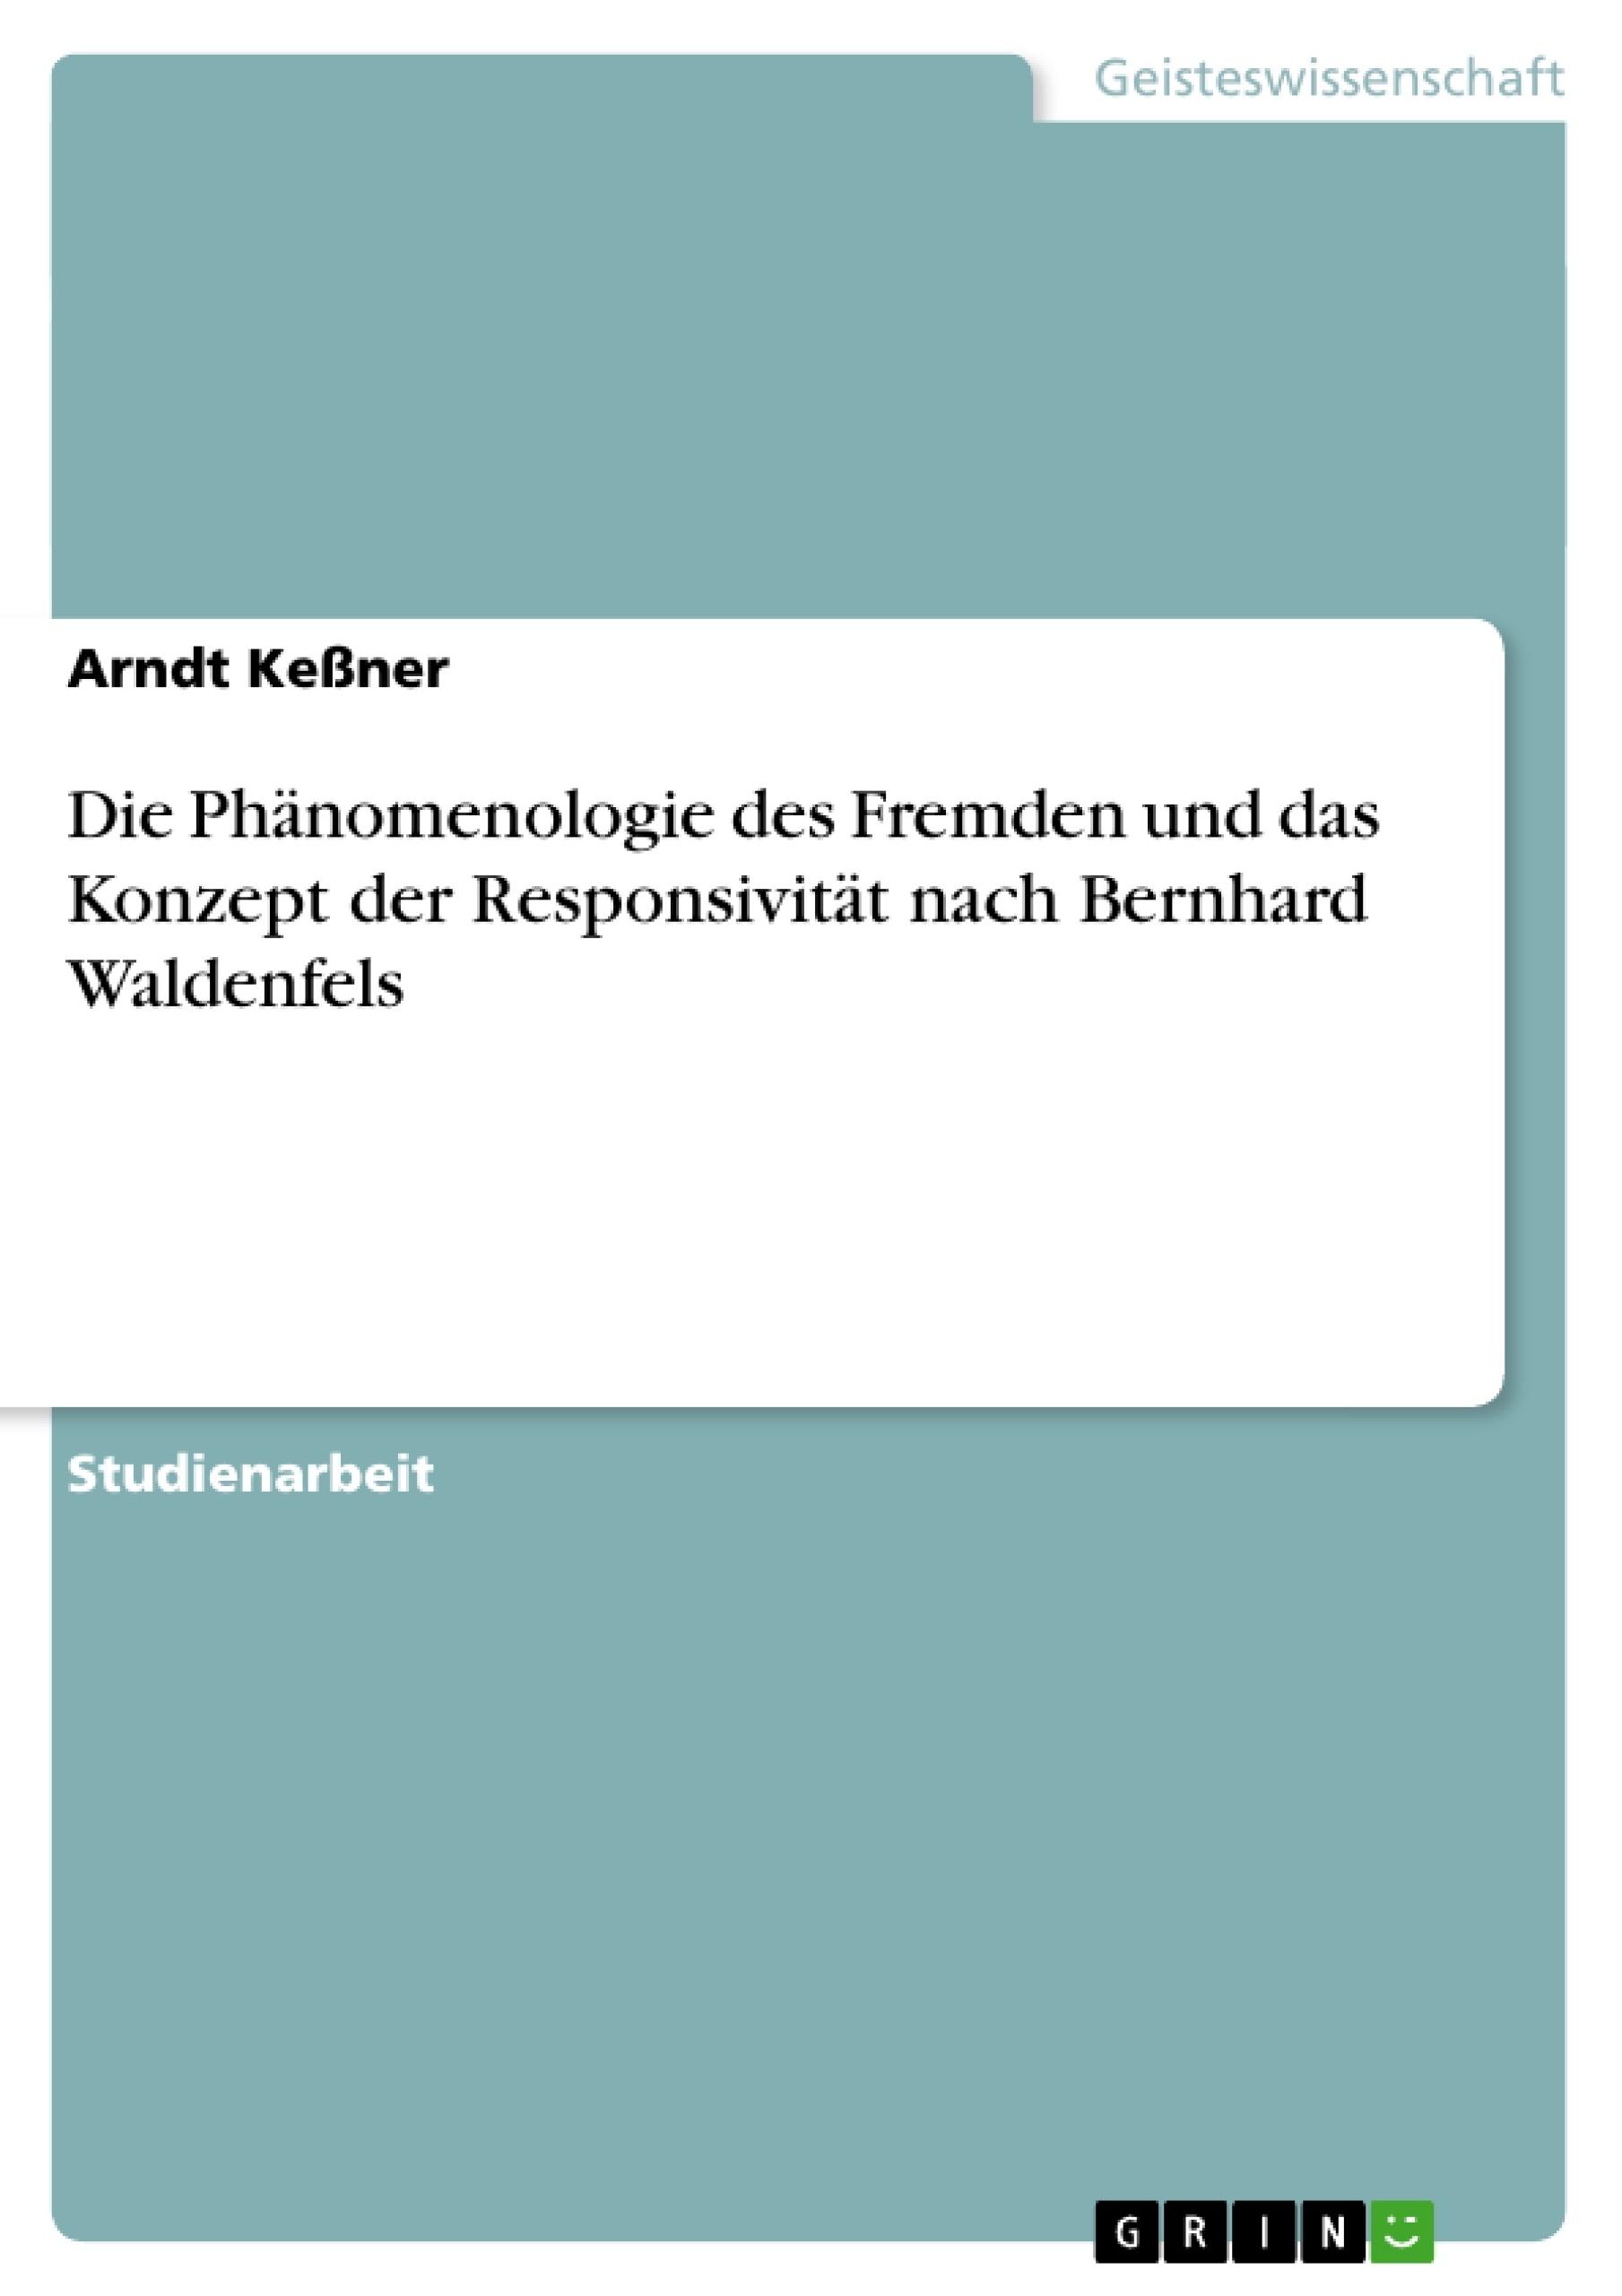 Titel: Die Phänomenologie des Fremden und das Konzept der Responsivität nach Bernhard Waldenfels